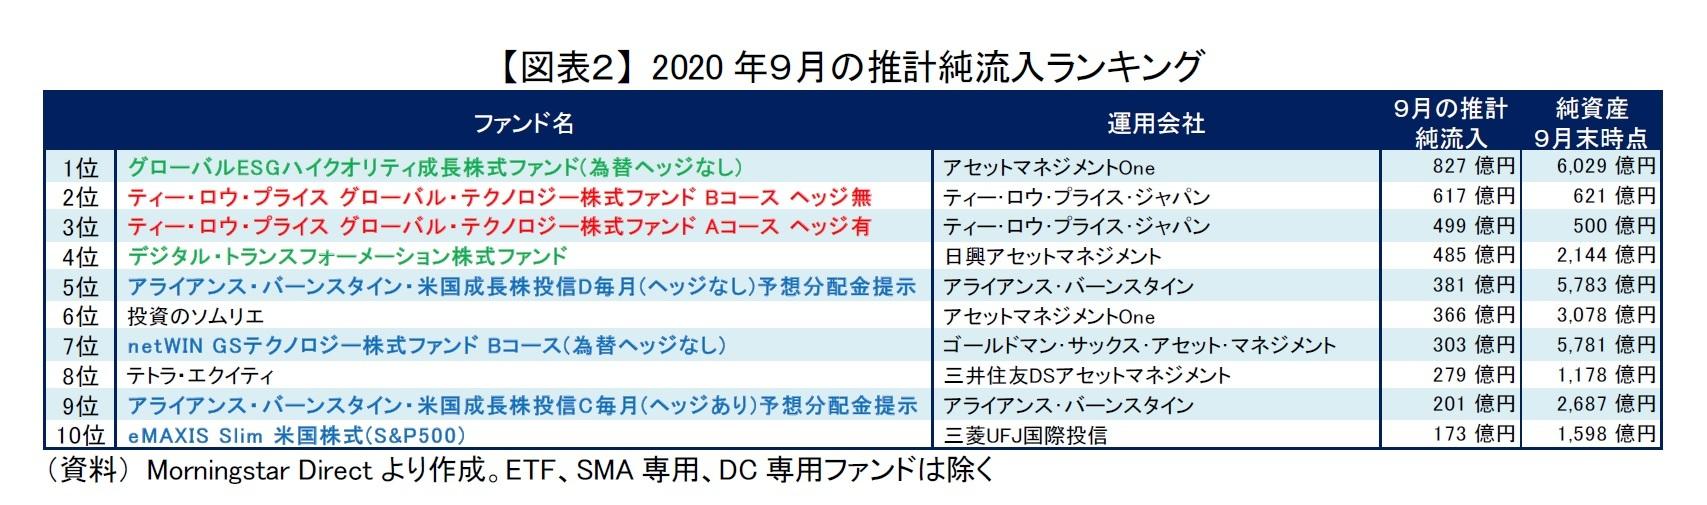 【図表2】 2020年9月の推計純流入ランキング